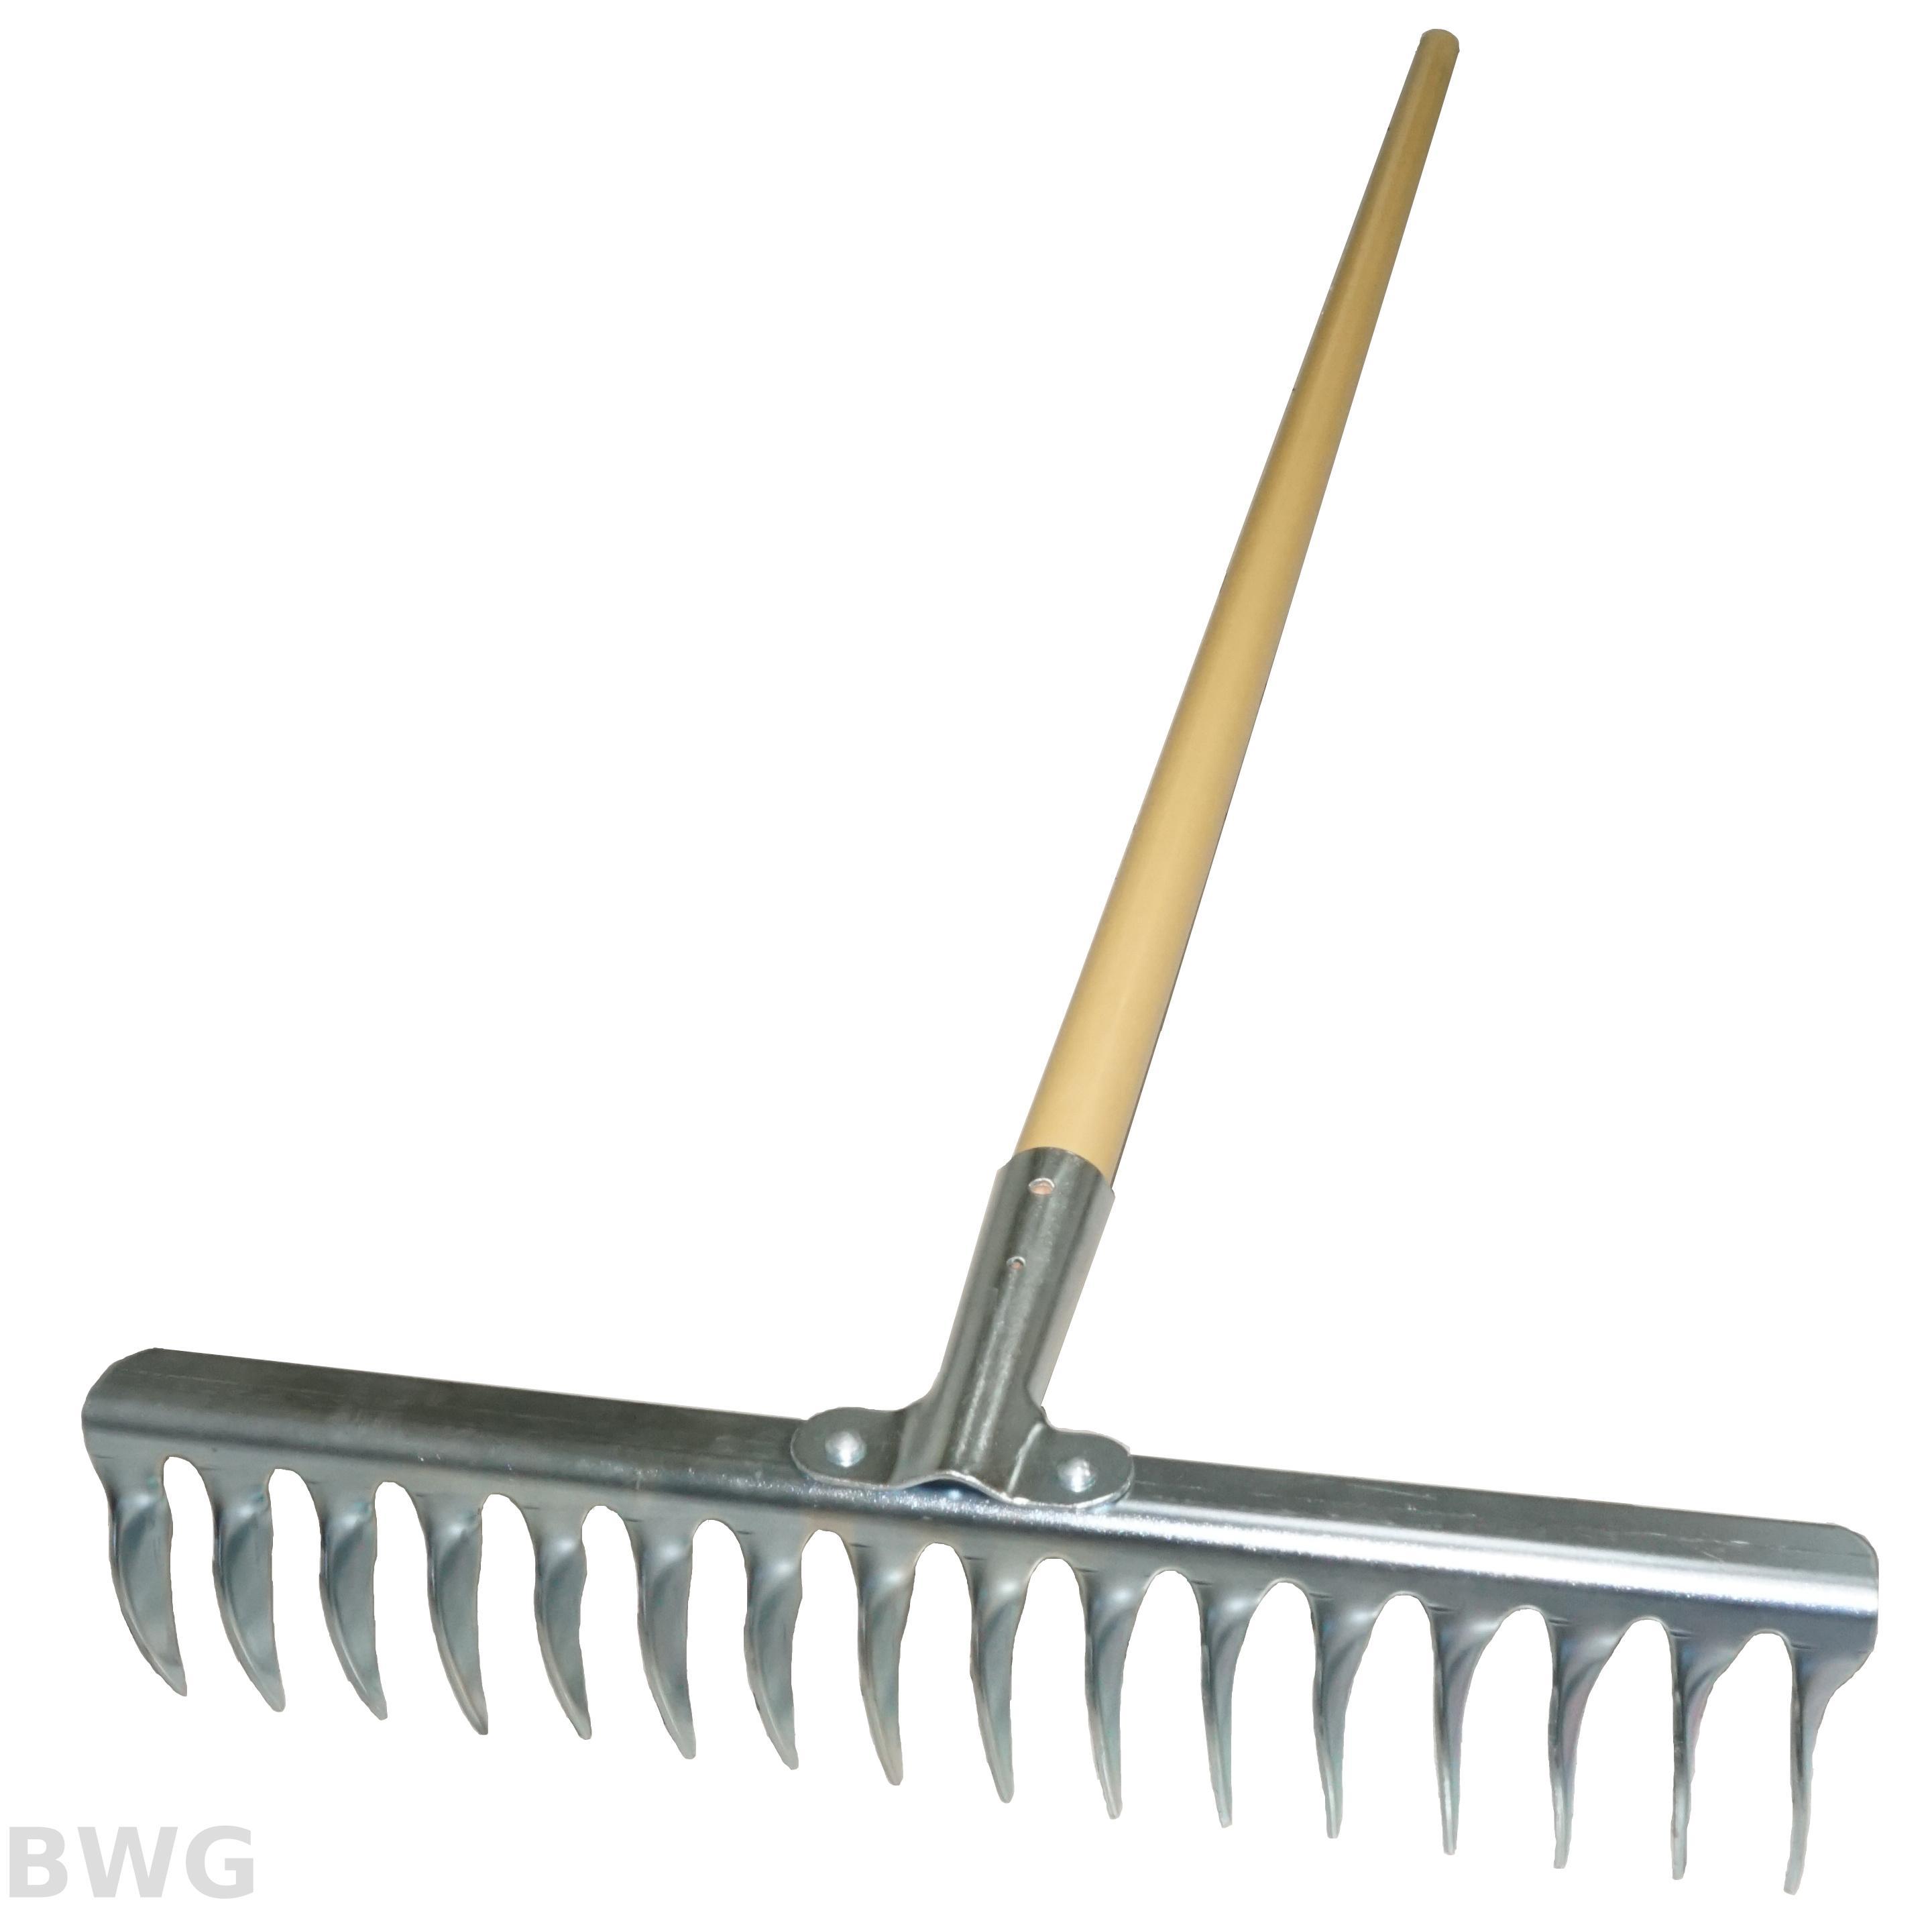 Landscape Garden Hand Tool 16 Tines Soil Rake ...